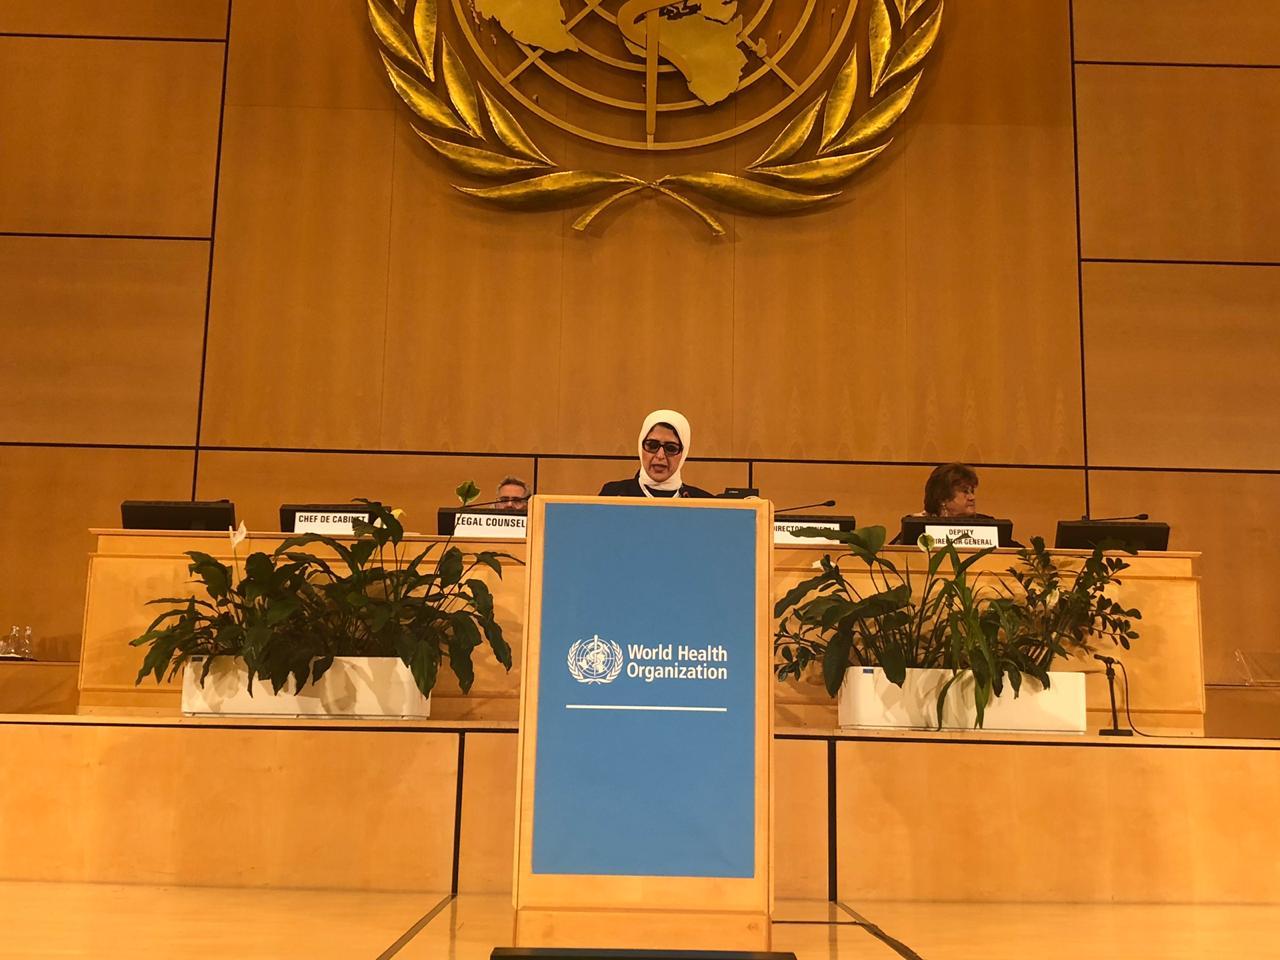 فيديو| وزيرة الصحة: نعمل على تطوير أنظمتنا الصحية.. ونسعي للتعاون مع منظمة الصحة العالمية